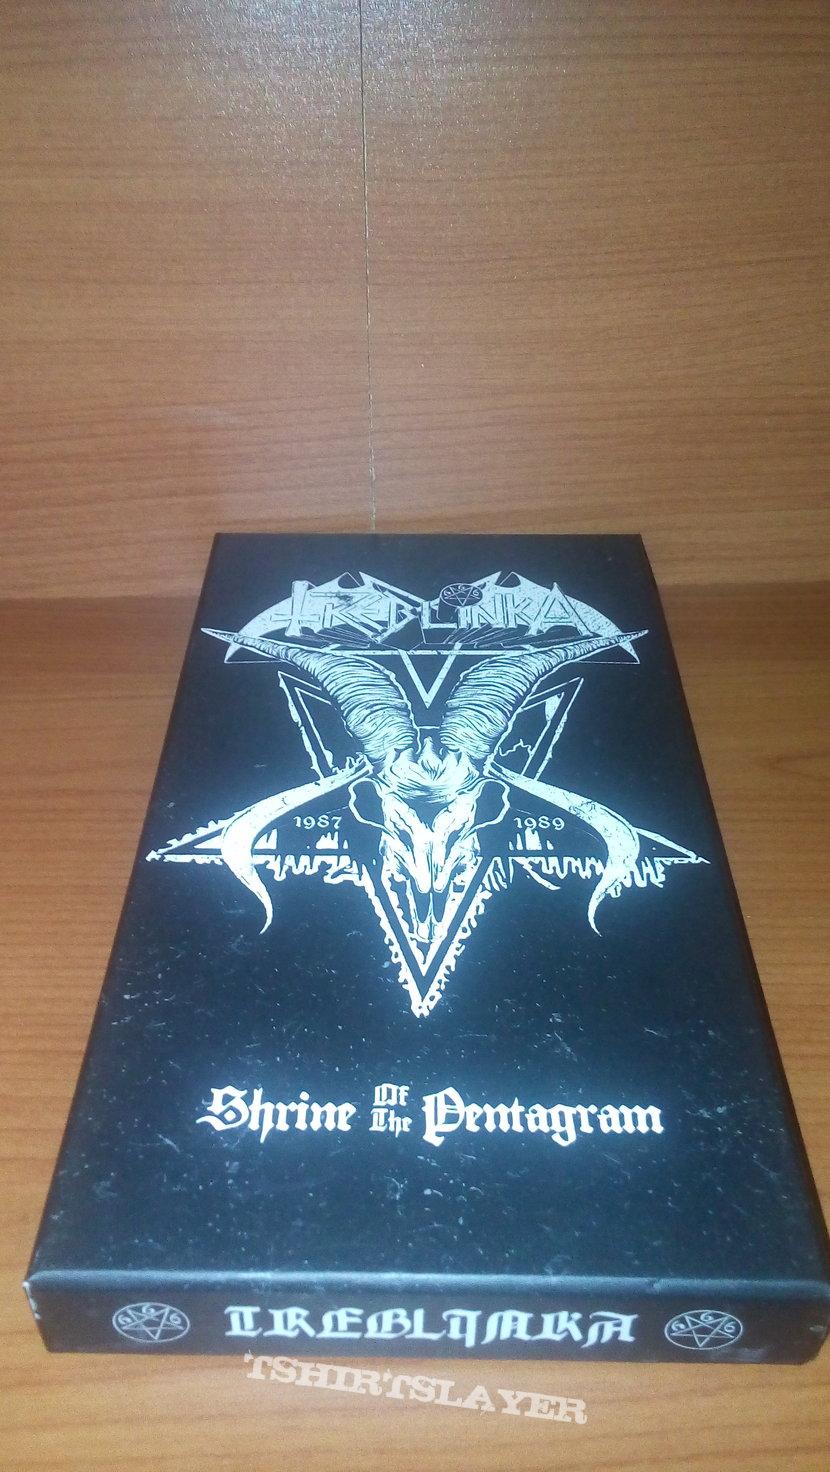 Treblinka-Shrine of the Pentagram( Box set)